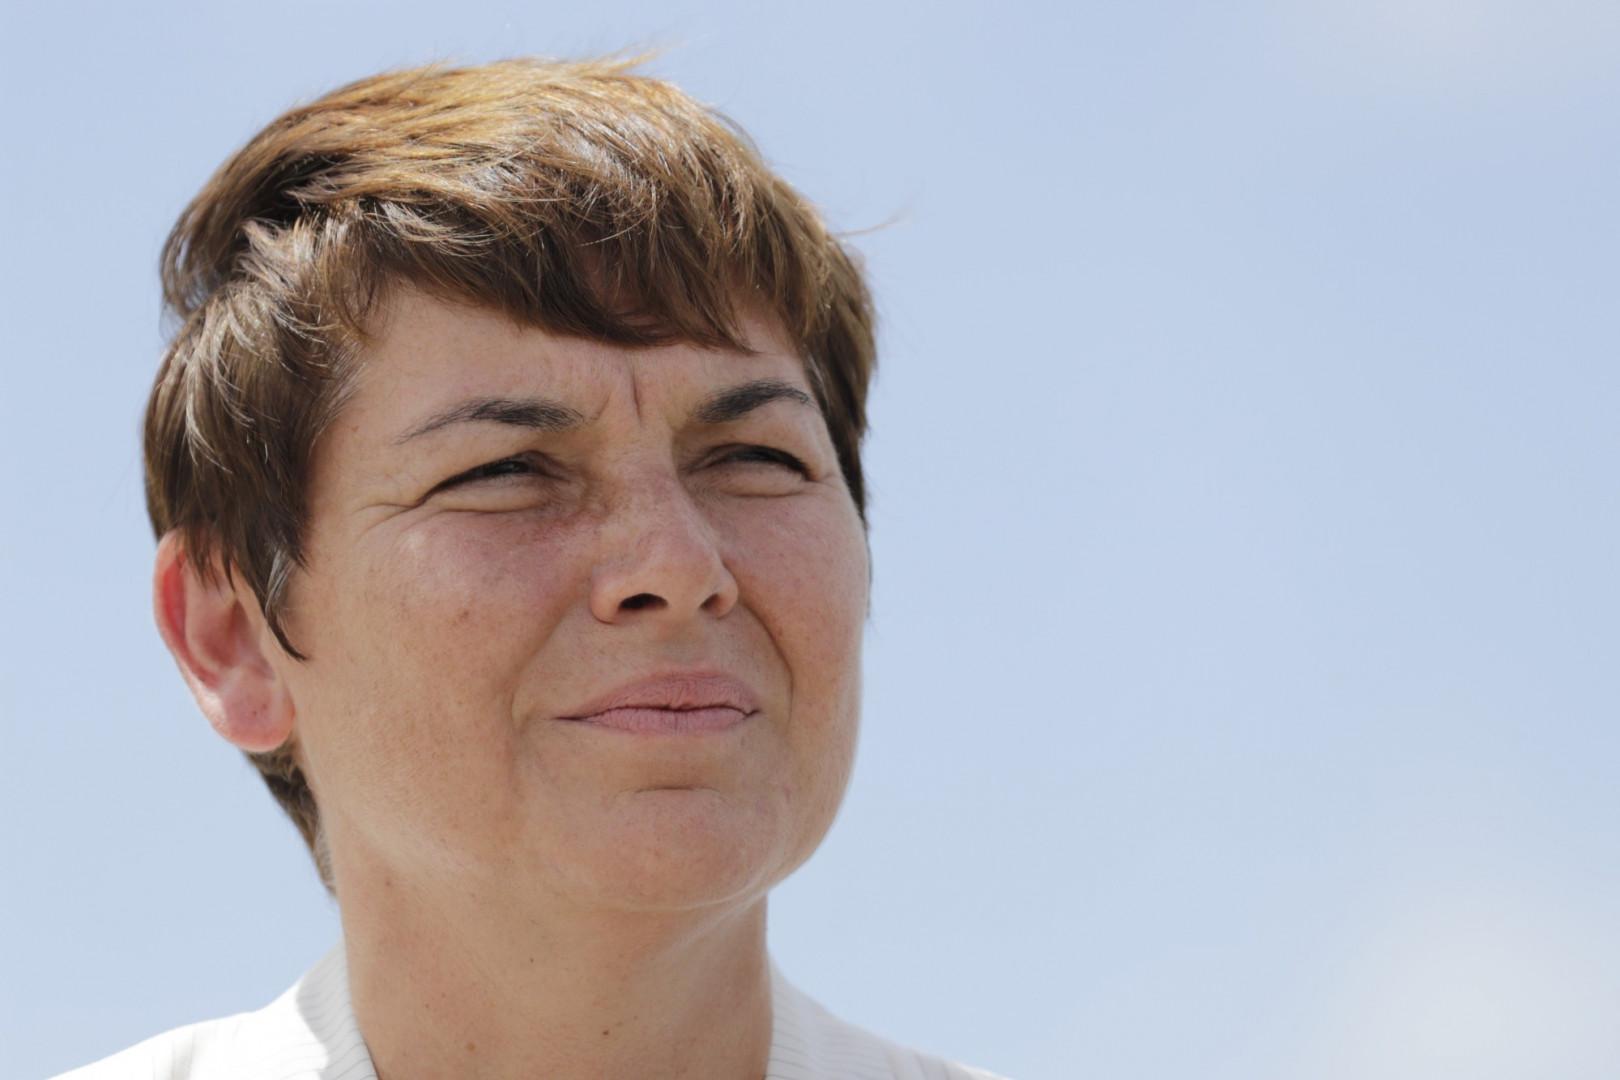 Ancienne ministre des Outre-mer Annick Girardin a été nommée ministre de la Mer, un ministère nouvellement créé